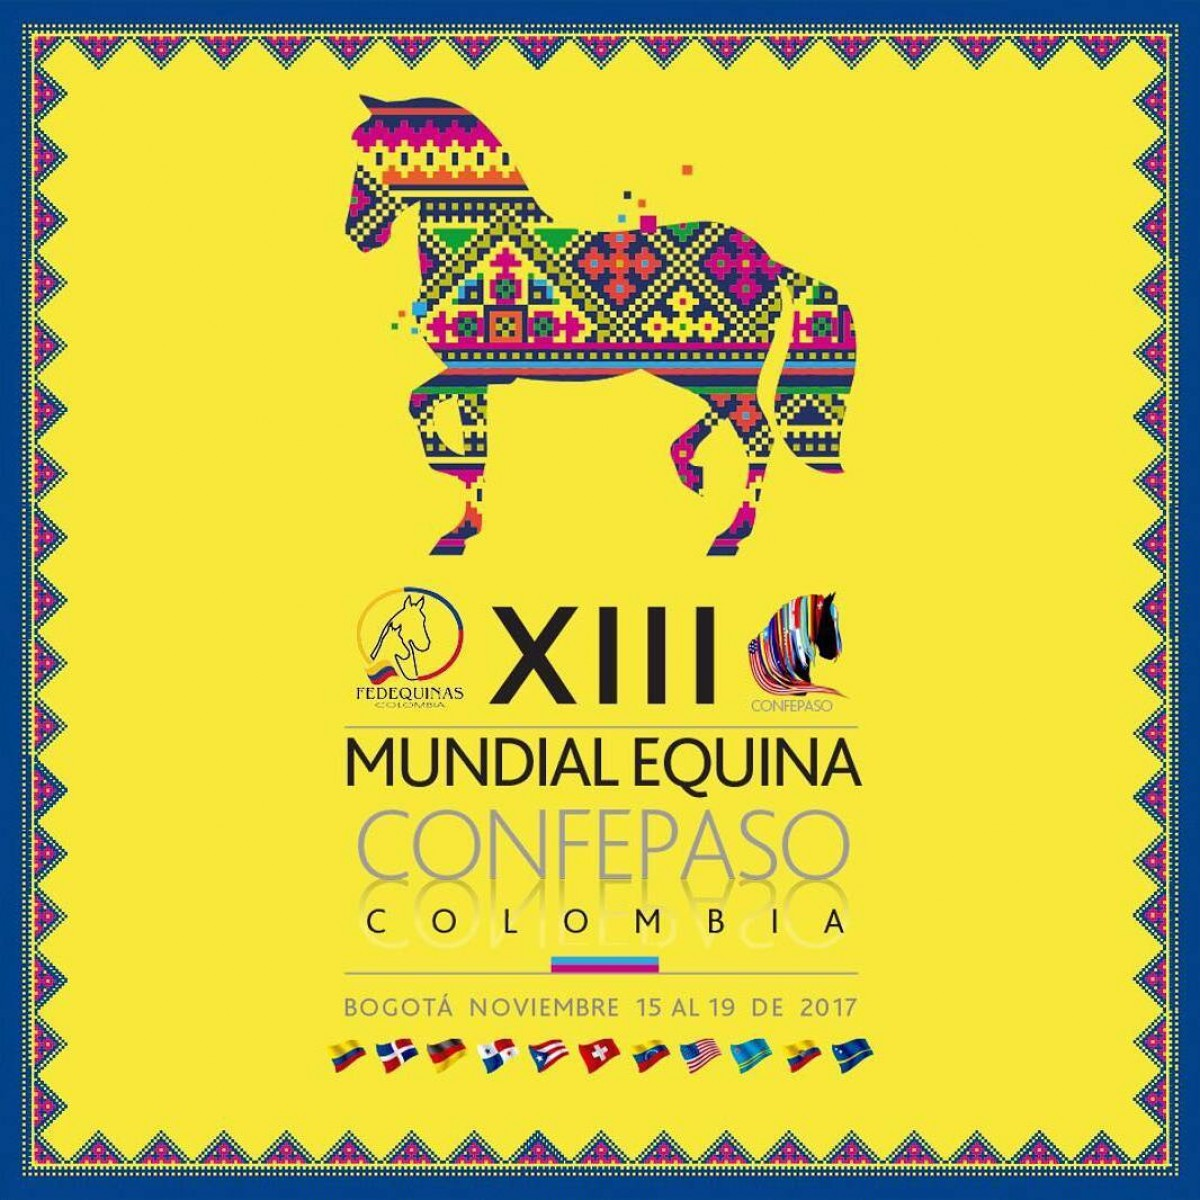 COMUNICADO CONFEPASO Sobre la XIII MUNDIAL EQUINA 2017